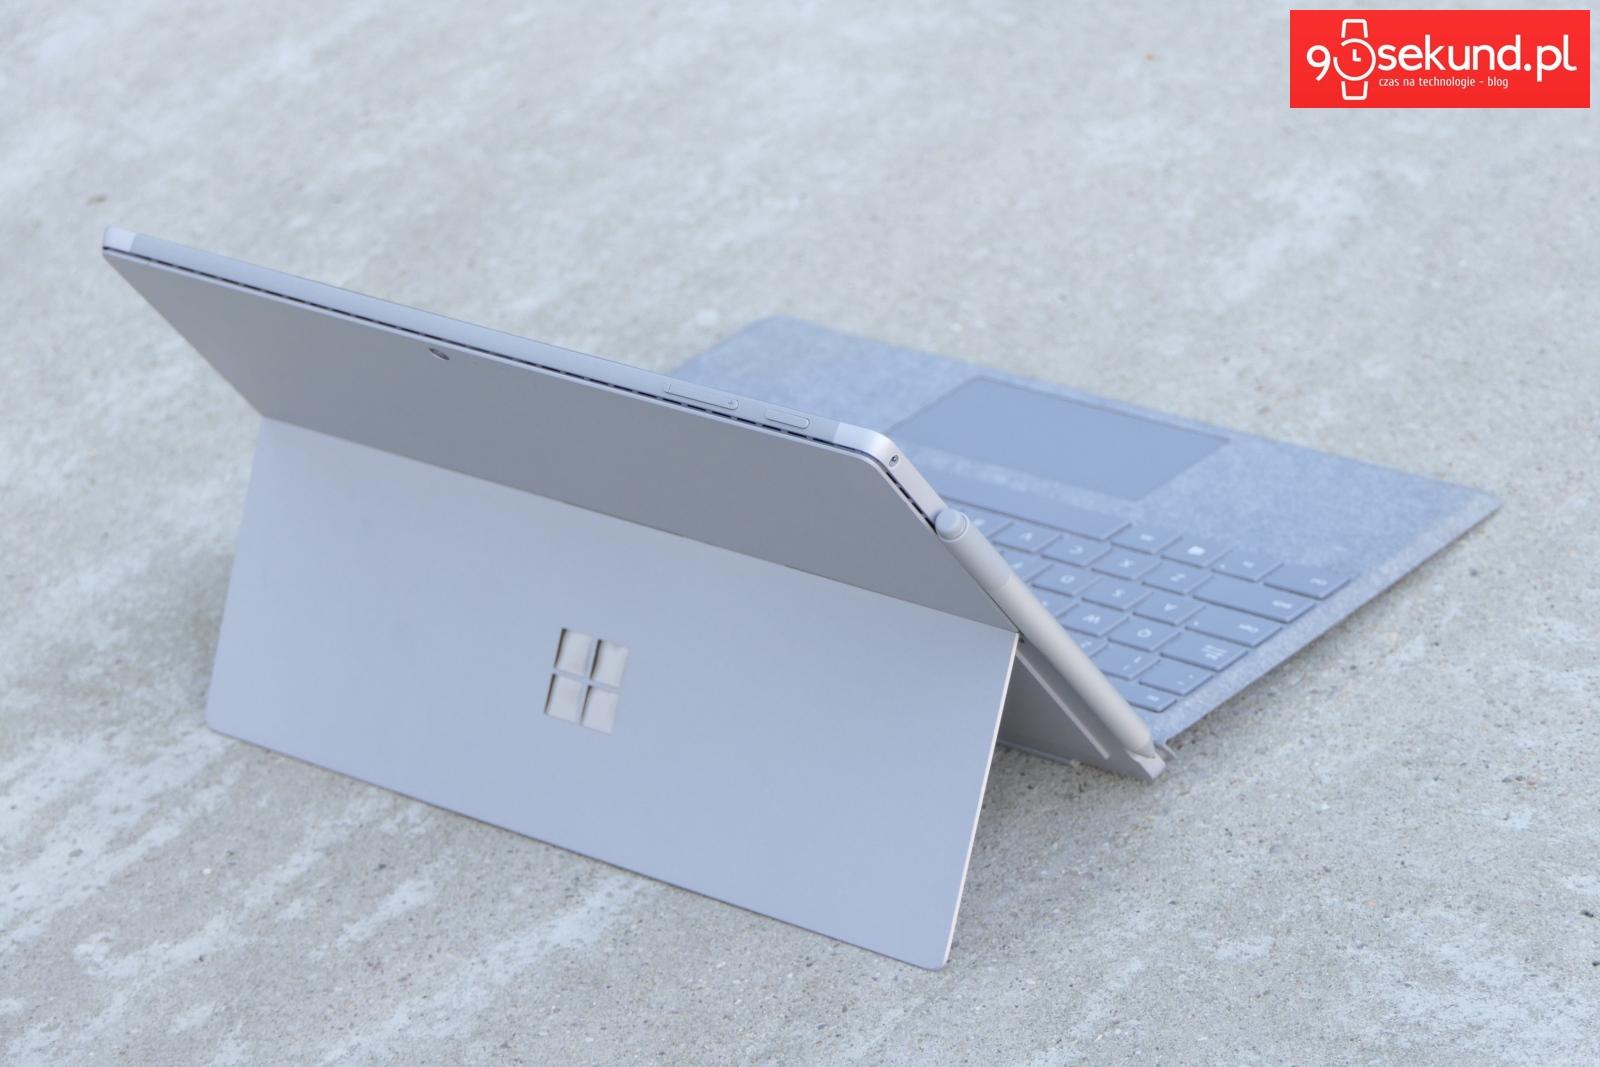 Recenzja Microsoft Surface Pro (2017) - 90sekund.pl - Michał Brożyński